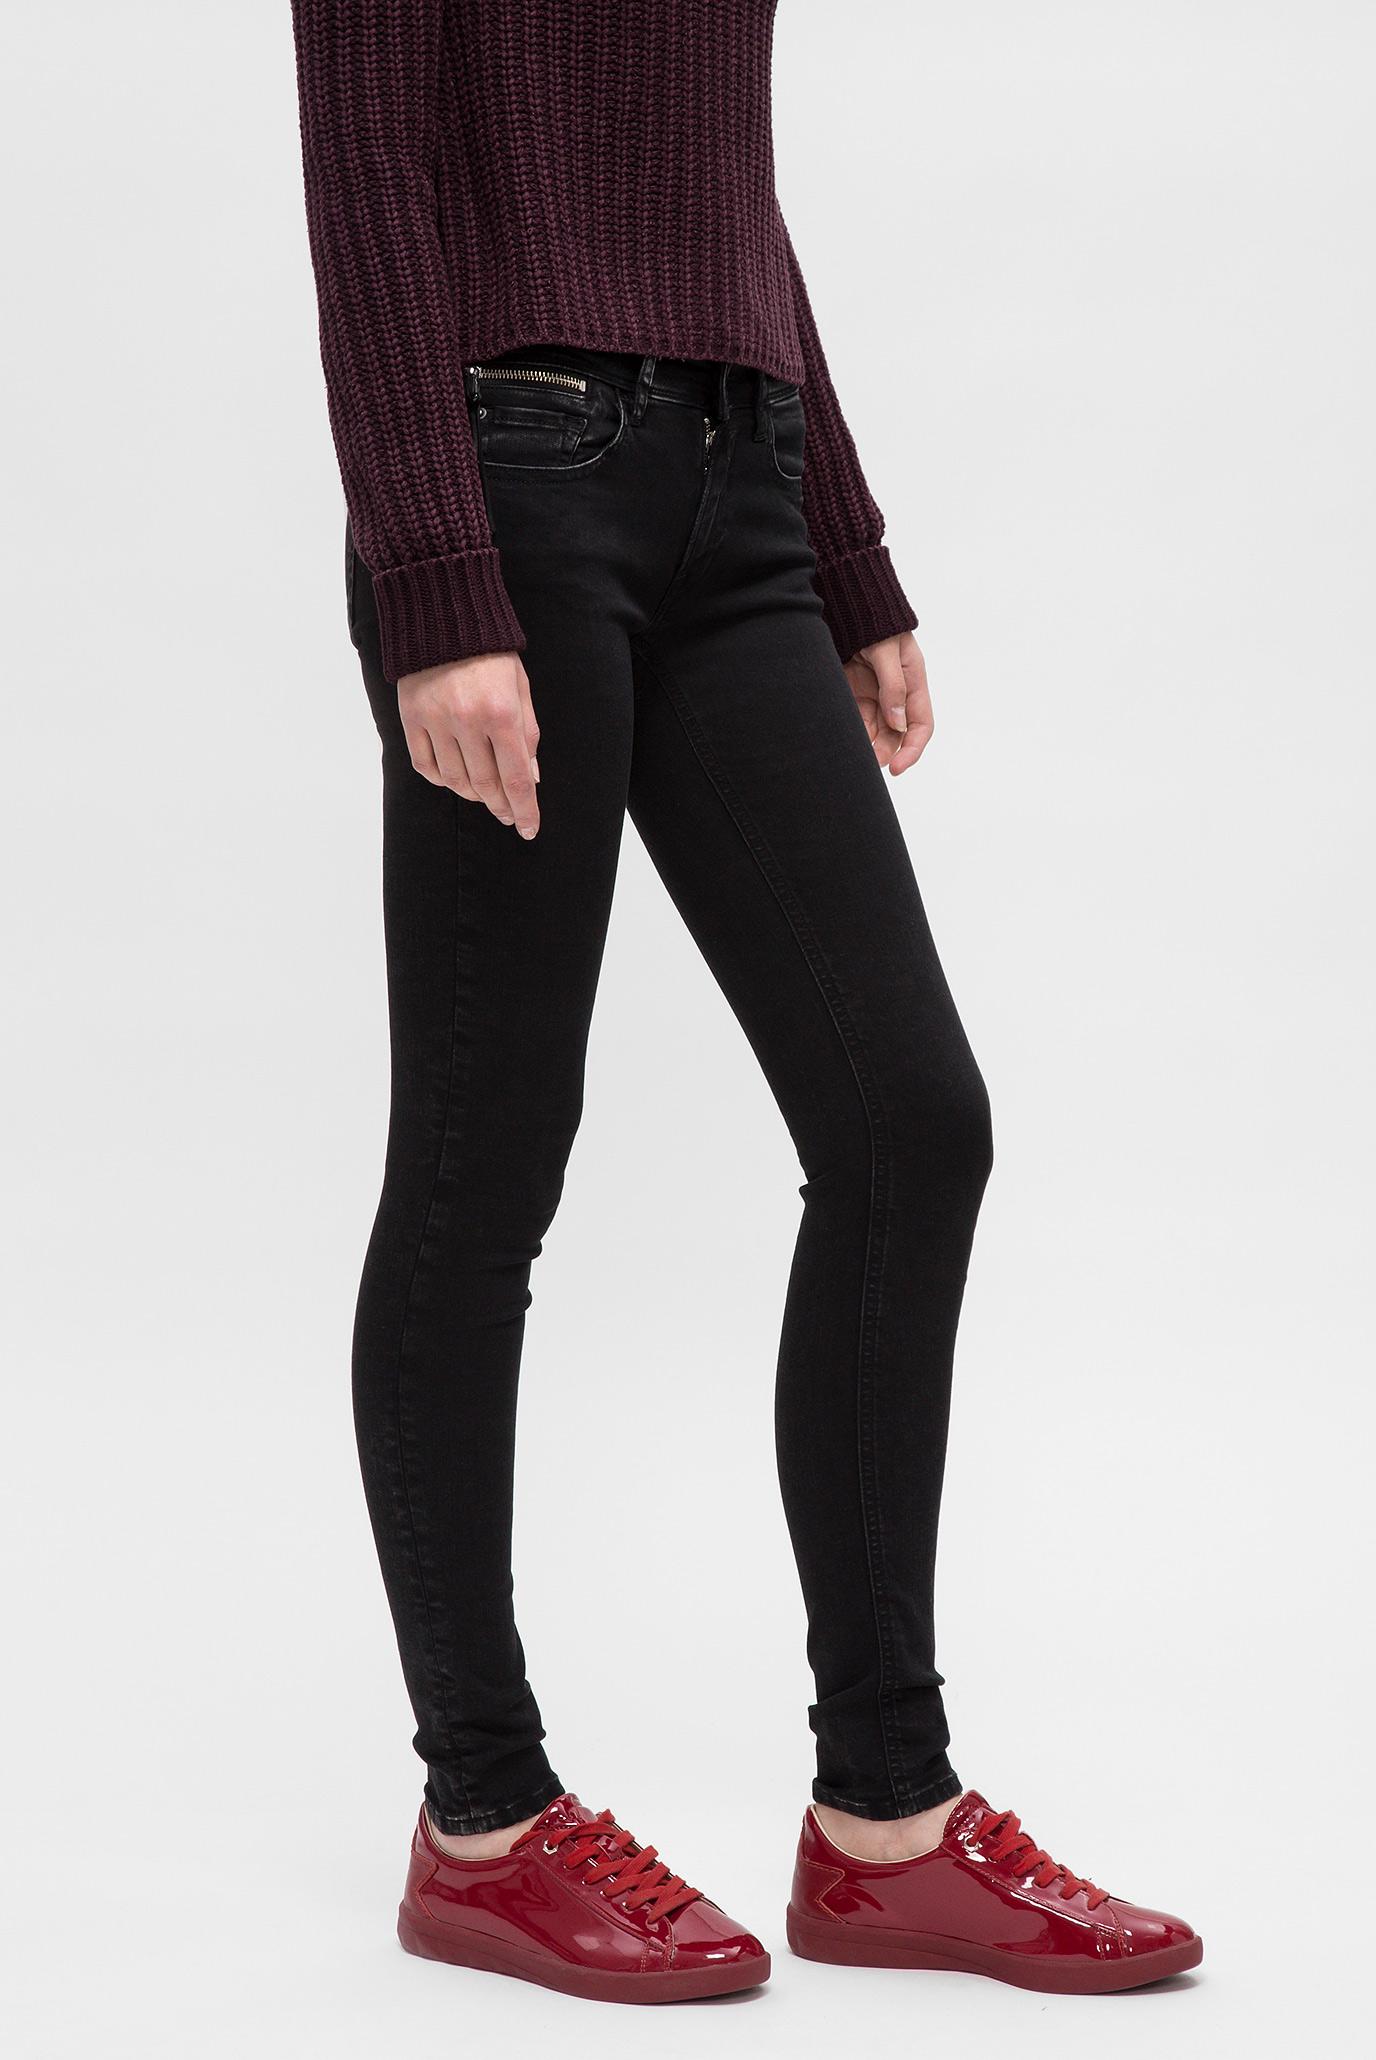 Купить Женские черные джинсы LUZ COIN ZIP Replay Replay WCX689.000.85B 389 – Киев, Украина. Цены в интернет магазине MD Fashion